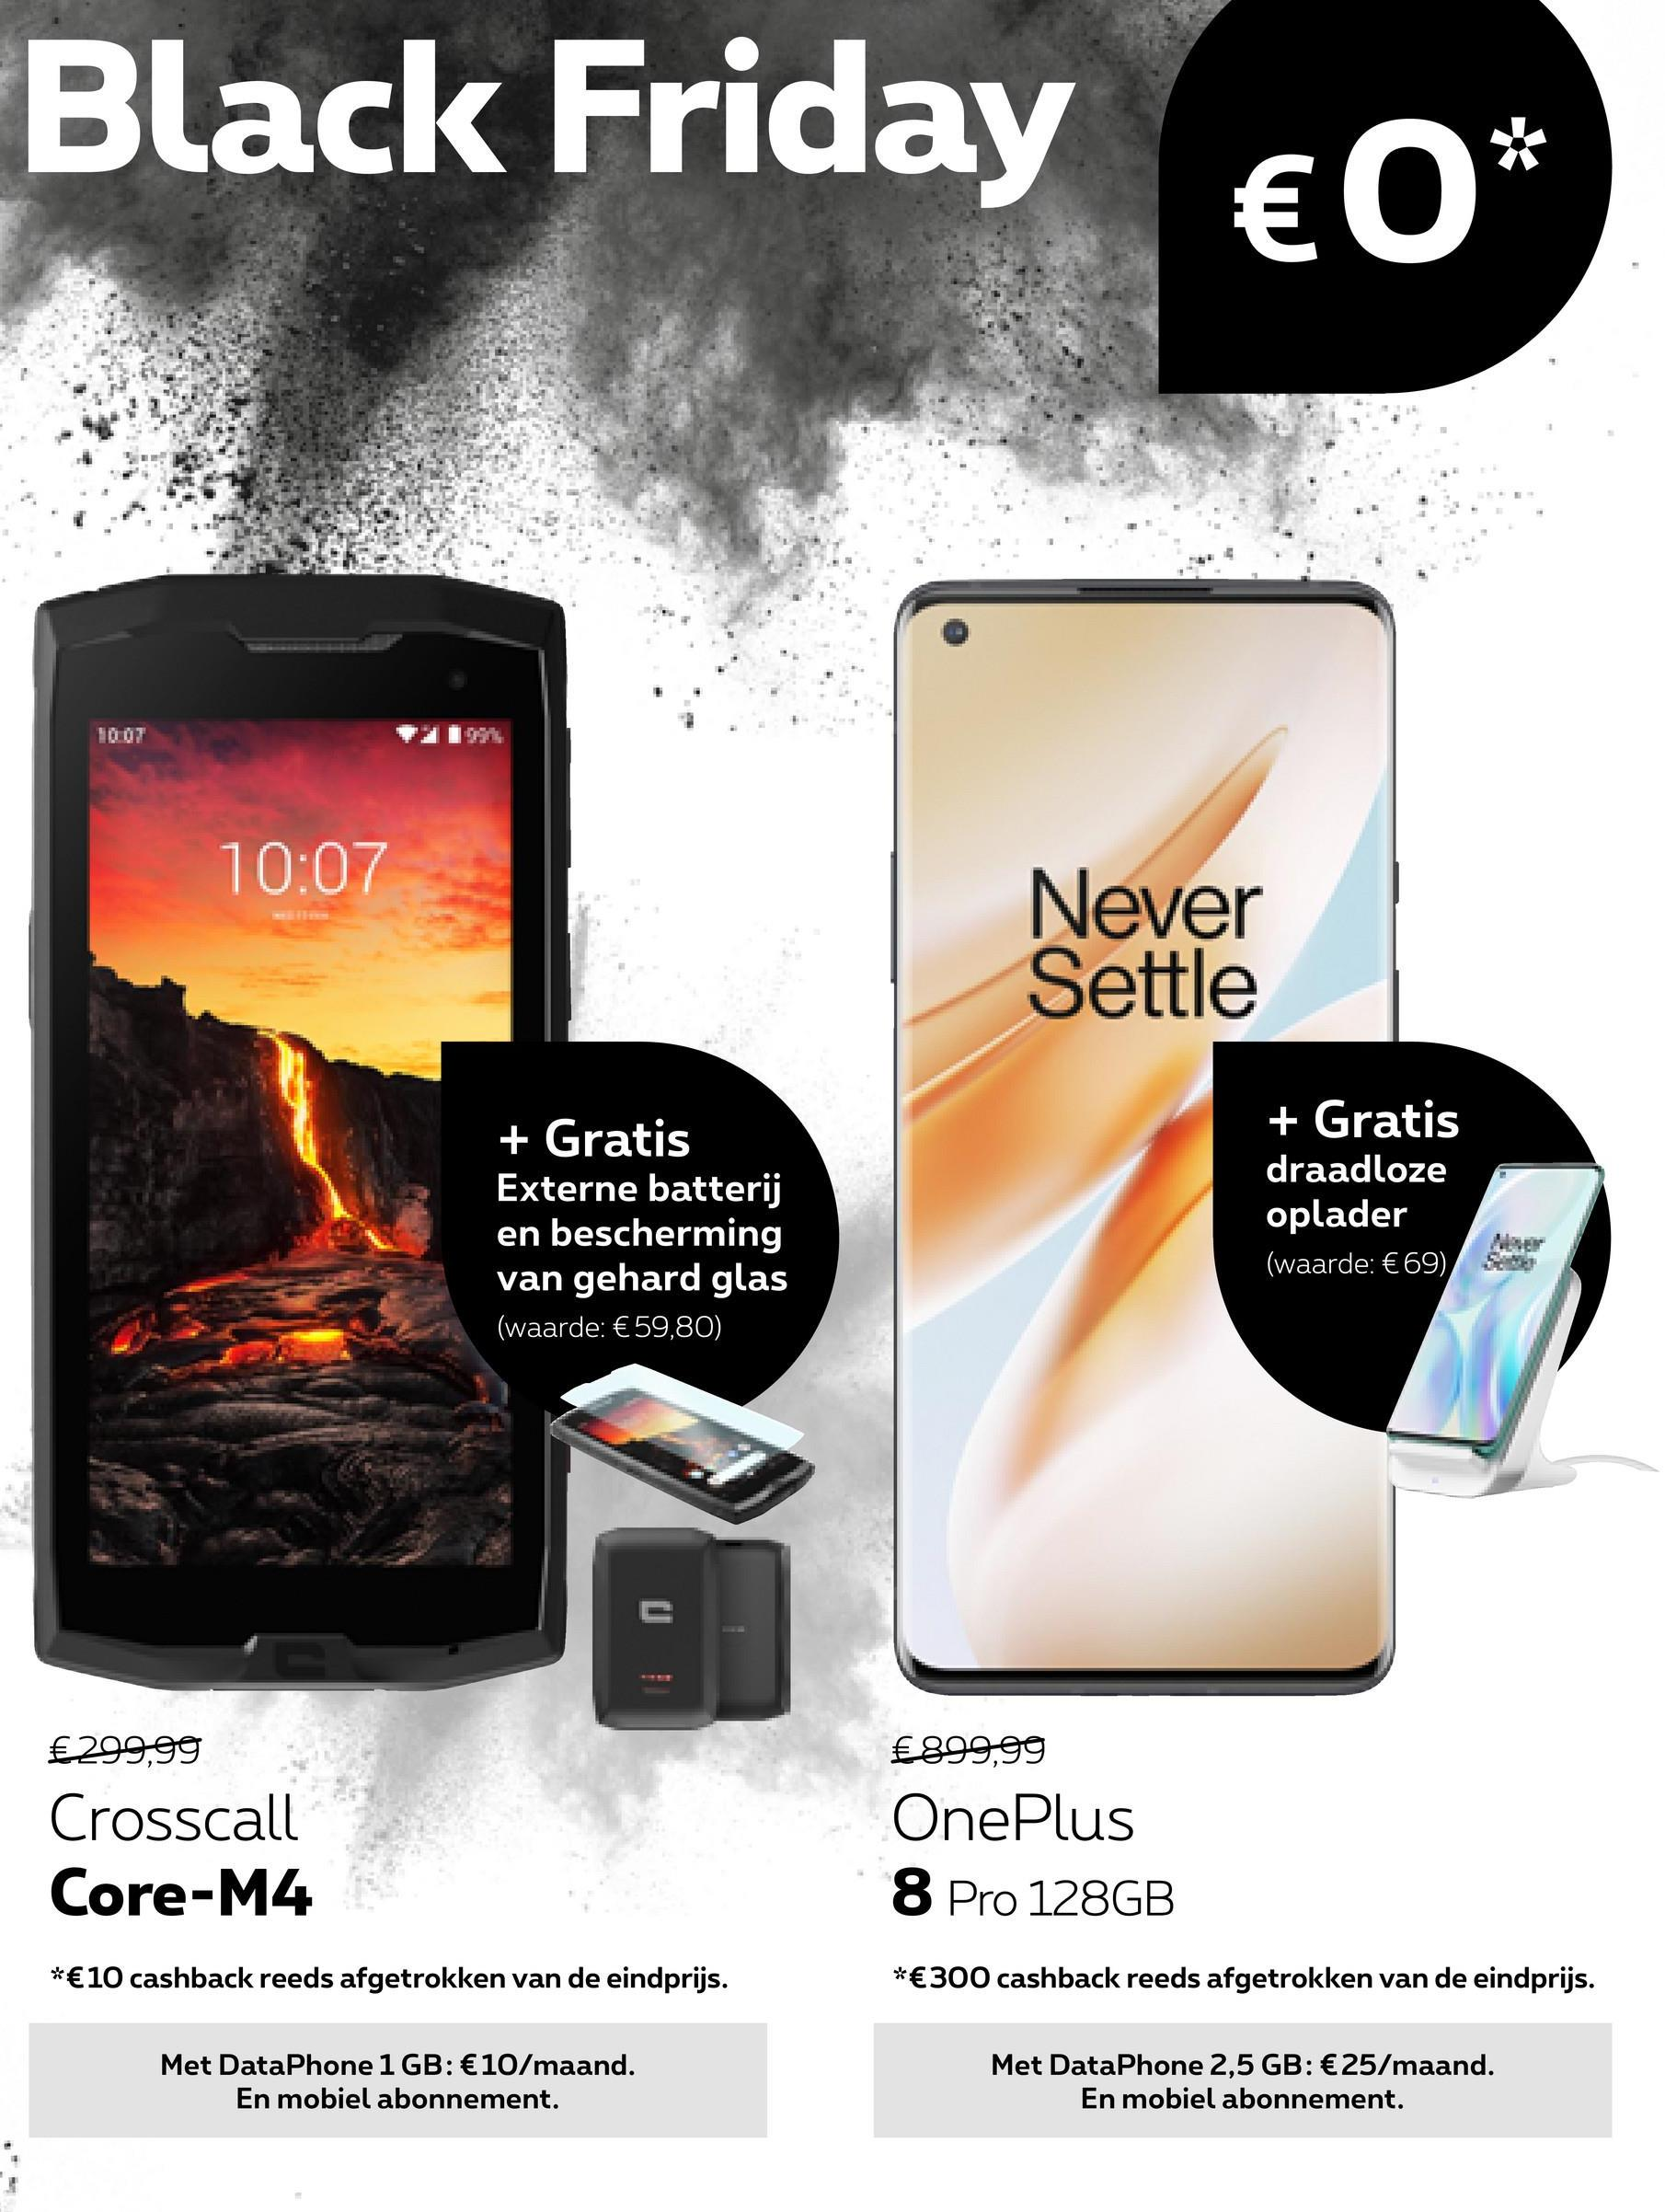 Black Friday €0* 10:07 Never Settle + Gratis Externe batterij en bescherming van gehard glas (waarde: €59,80) + Gratis draadloze oplader (waarde: €69), €299,99 Crosscall Core-M4 €899,99 OnePlus 8 Pro 128GB *€10 cashback reeds afgetrokken van de eindprijs. *€300 cashback reeds afgetrokken van de eindprijs. Met DataPhone 1 GB: €10/maand. En mobiel abonnement. Met DataPhone 2,5 GB: €25/maand. En mobiel abonnement.